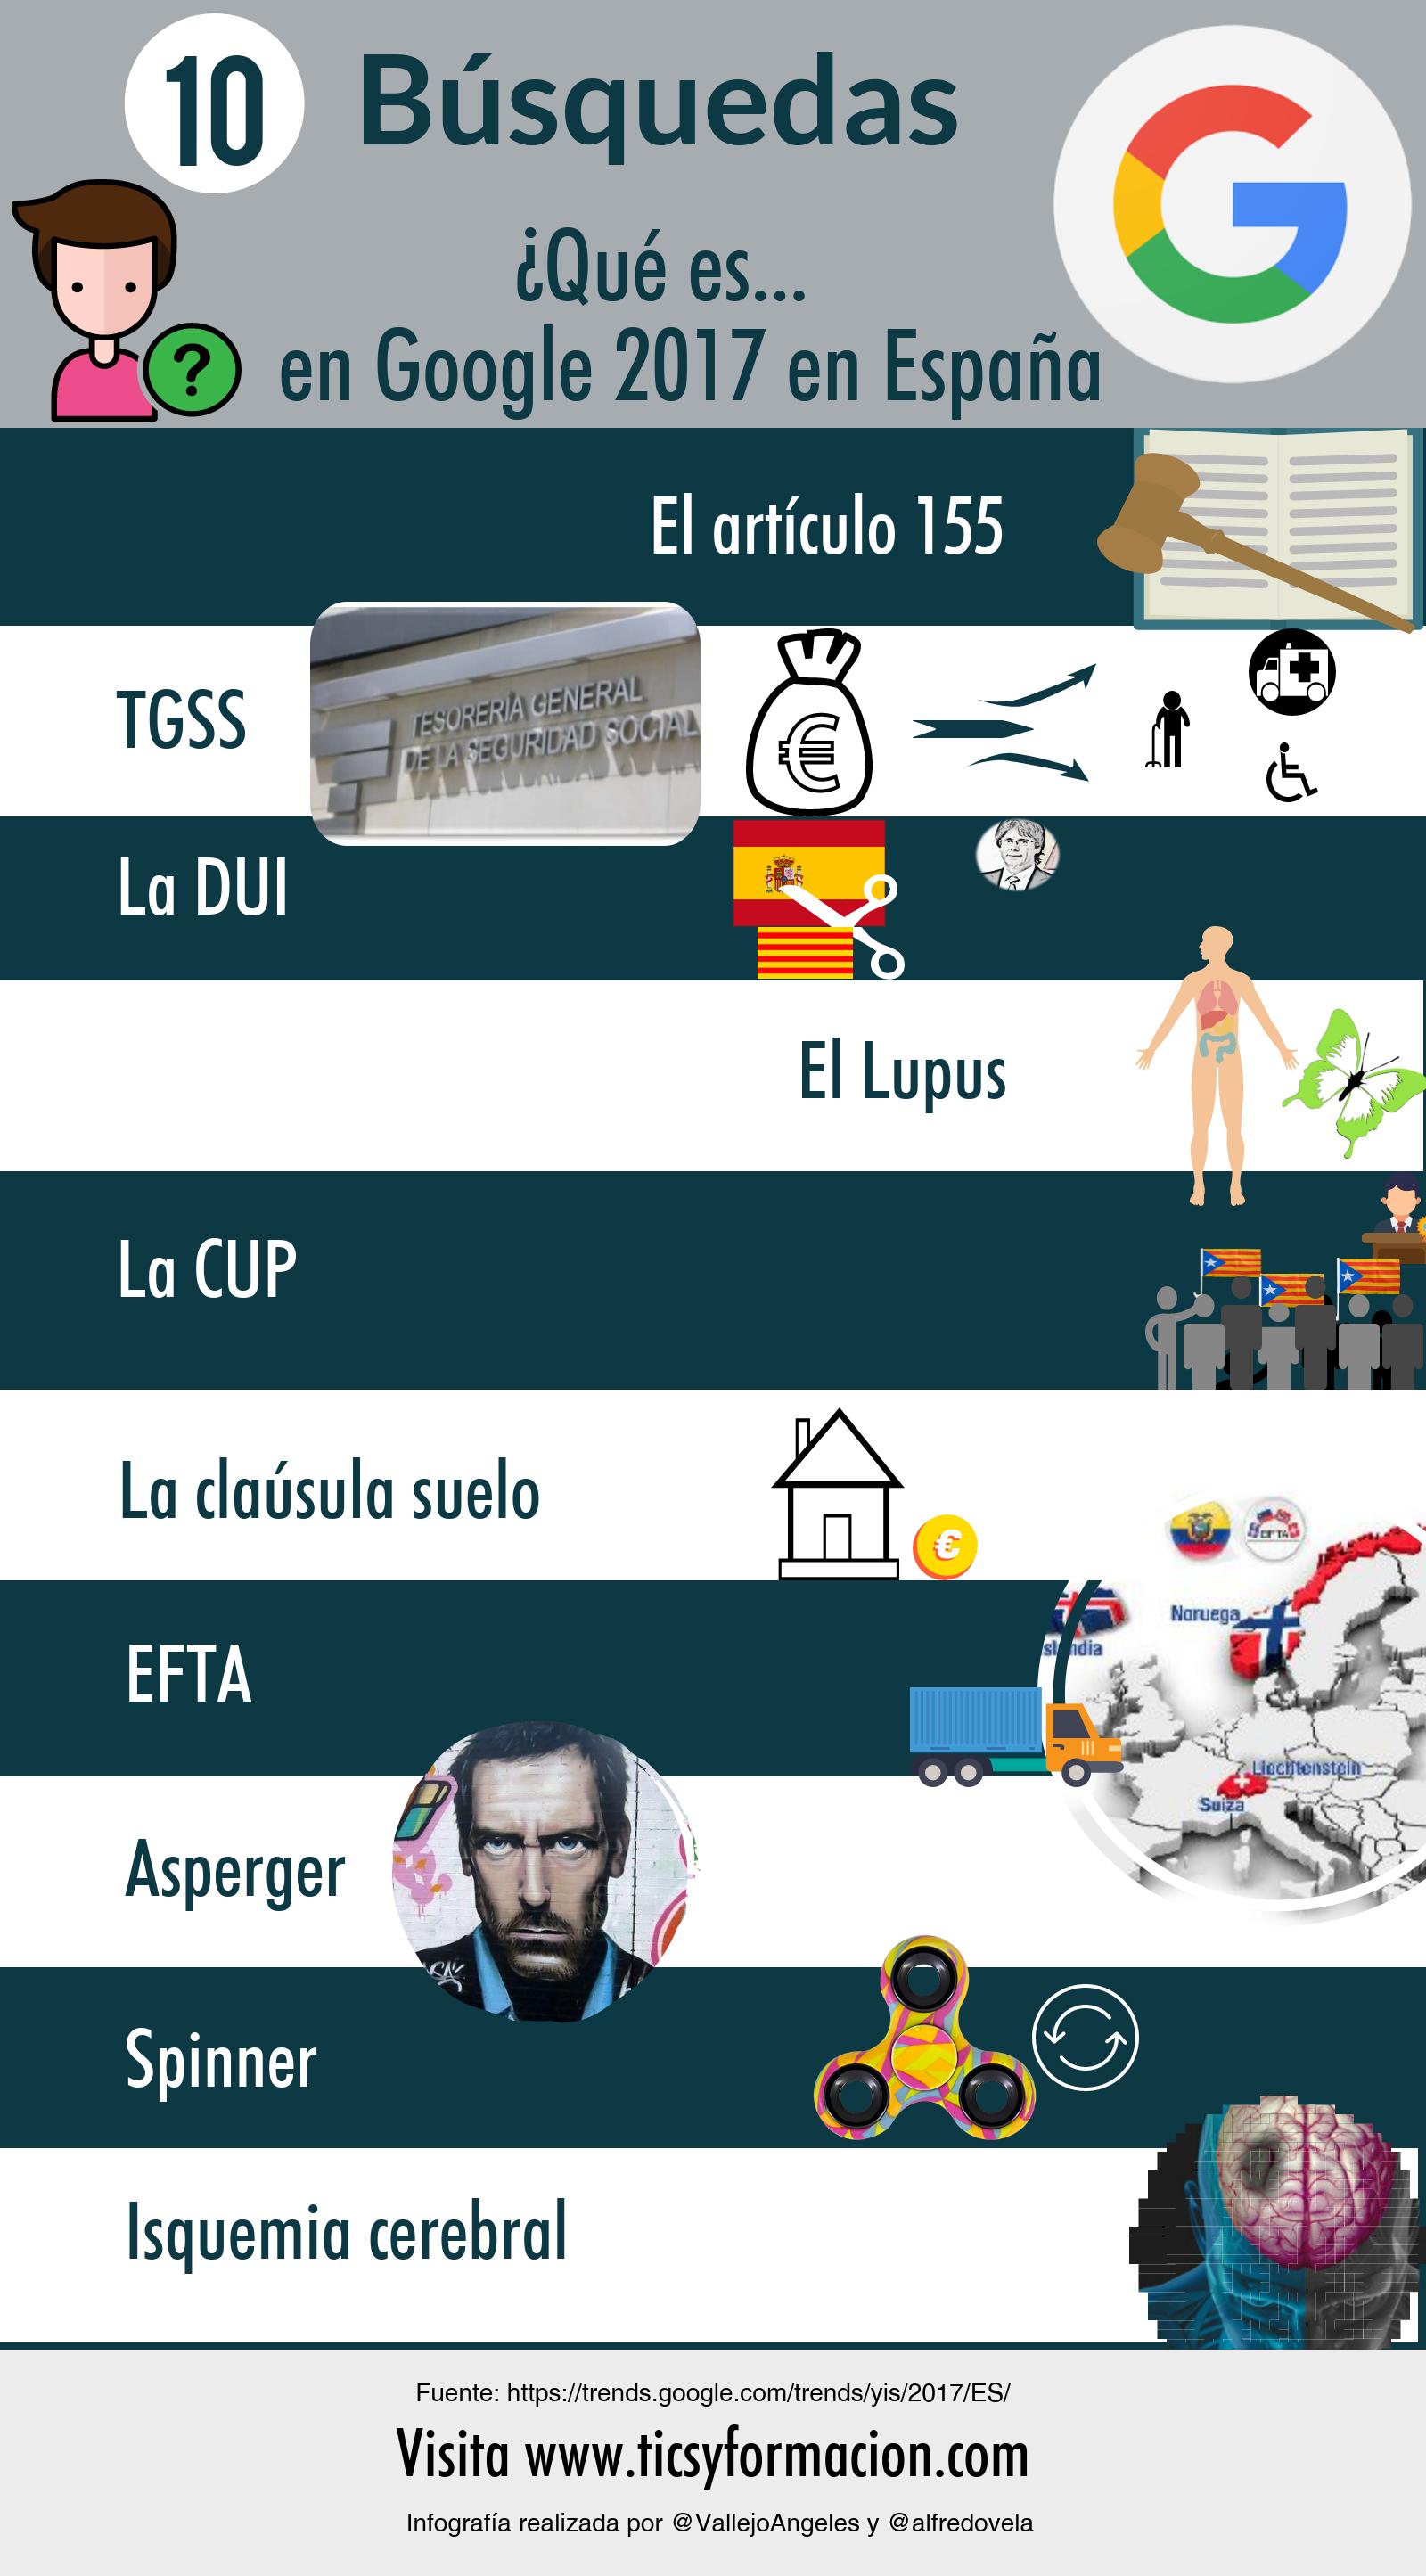 """Top 10 búsquedas en Google sobre """"Qué es ..."""" en España 2017"""